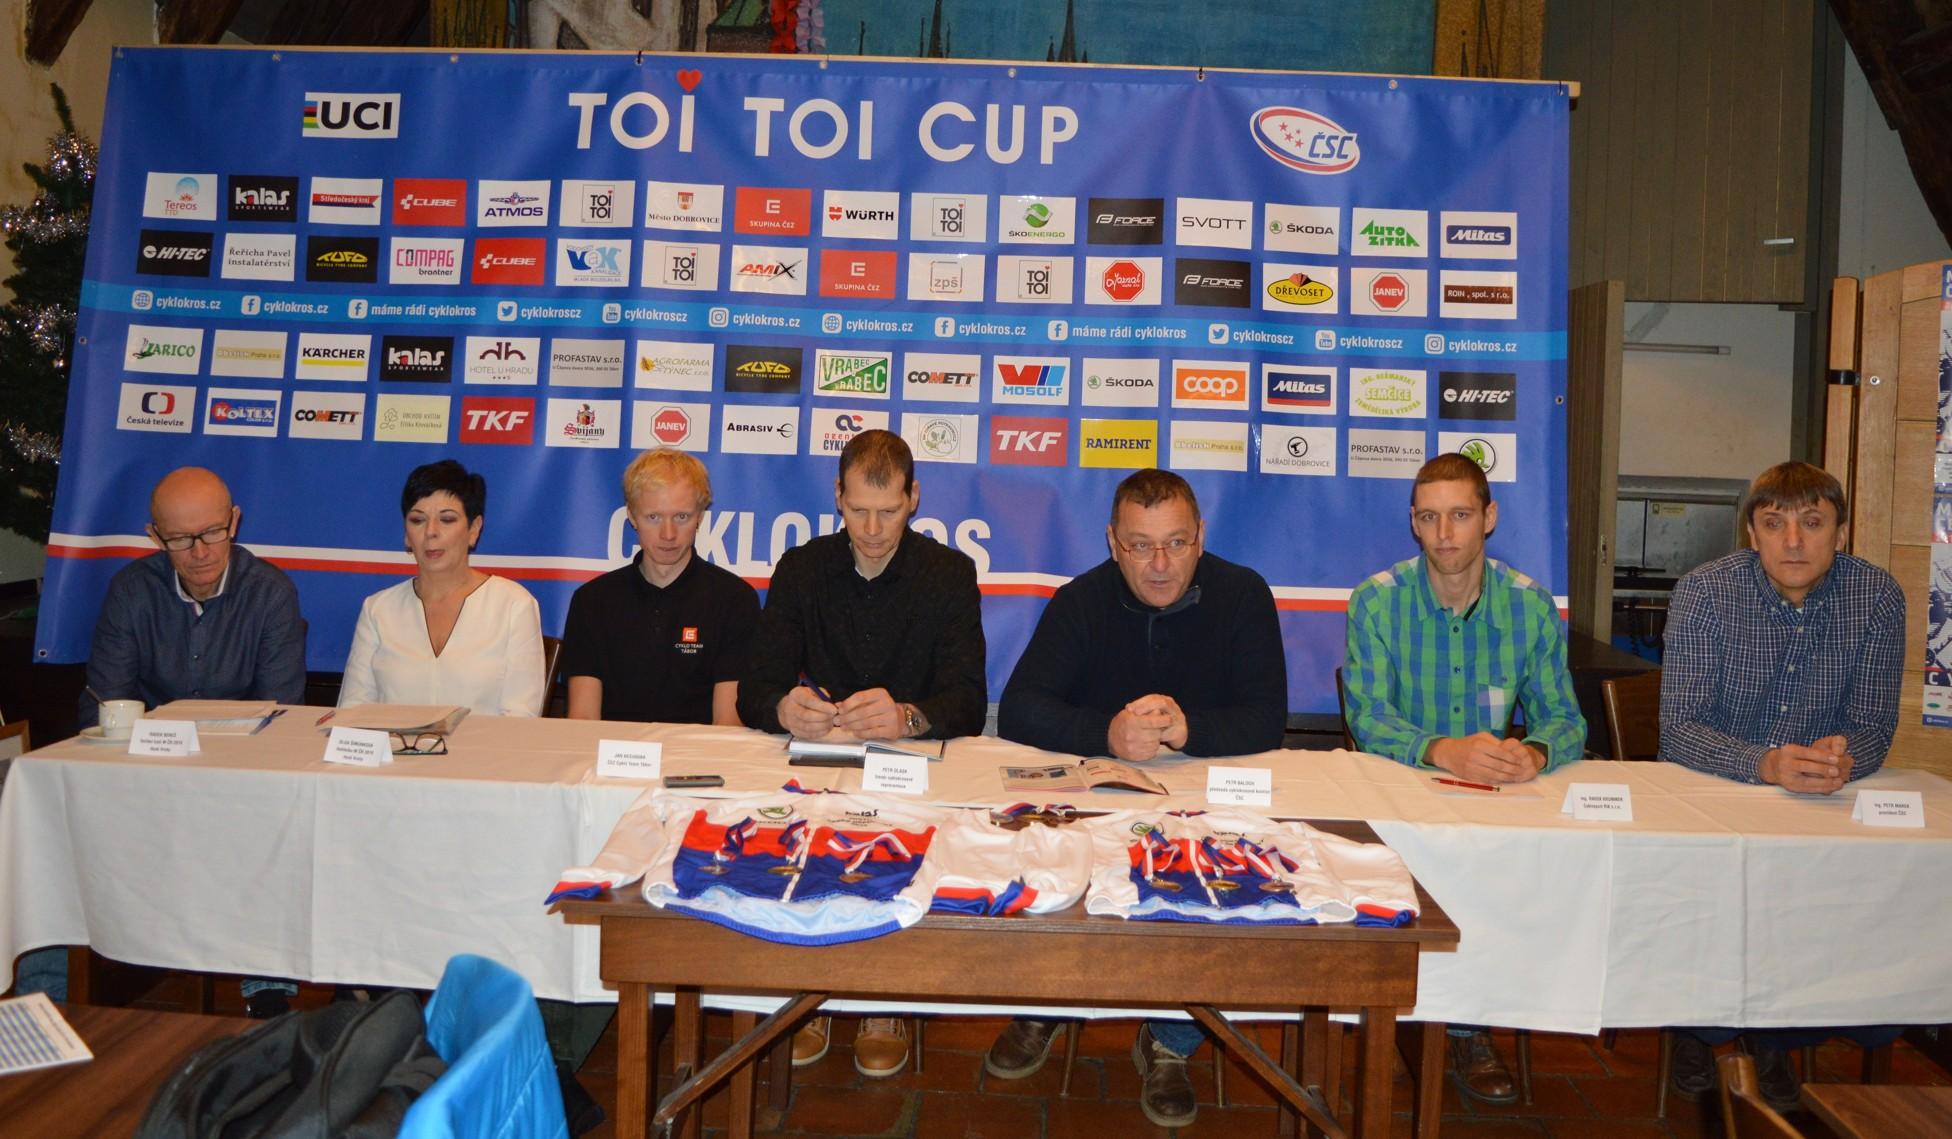 Rekordní účast startujících v letošním ročníku Toi Toi Cupu